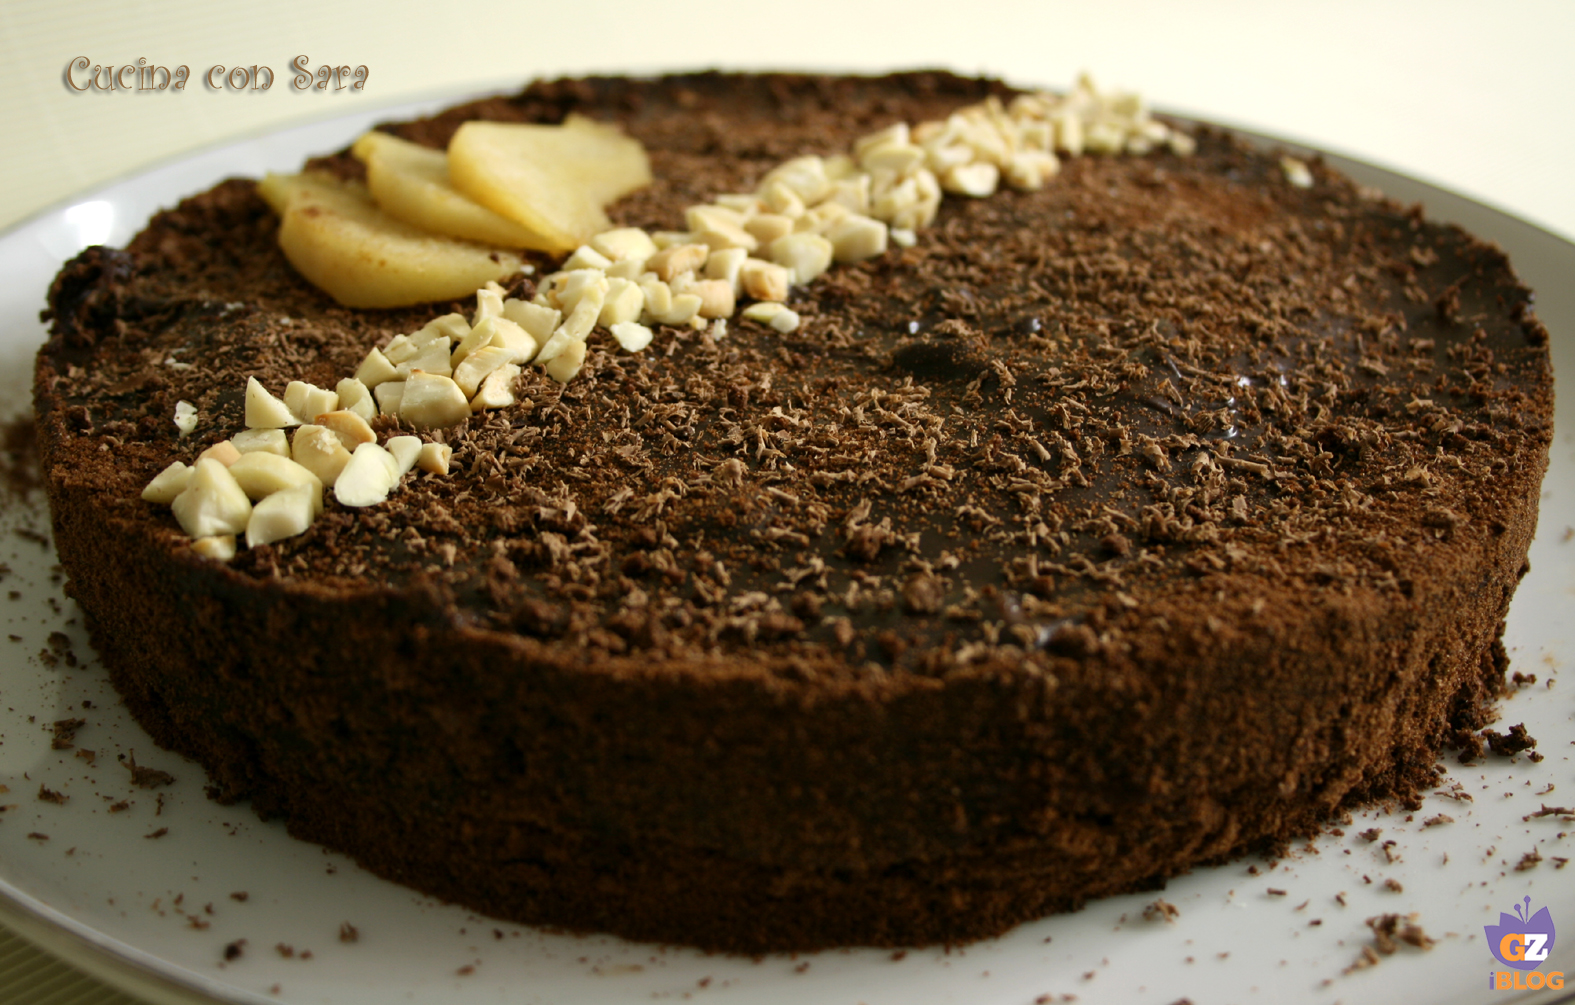 Torta cioccolato e pere, cucina con sara